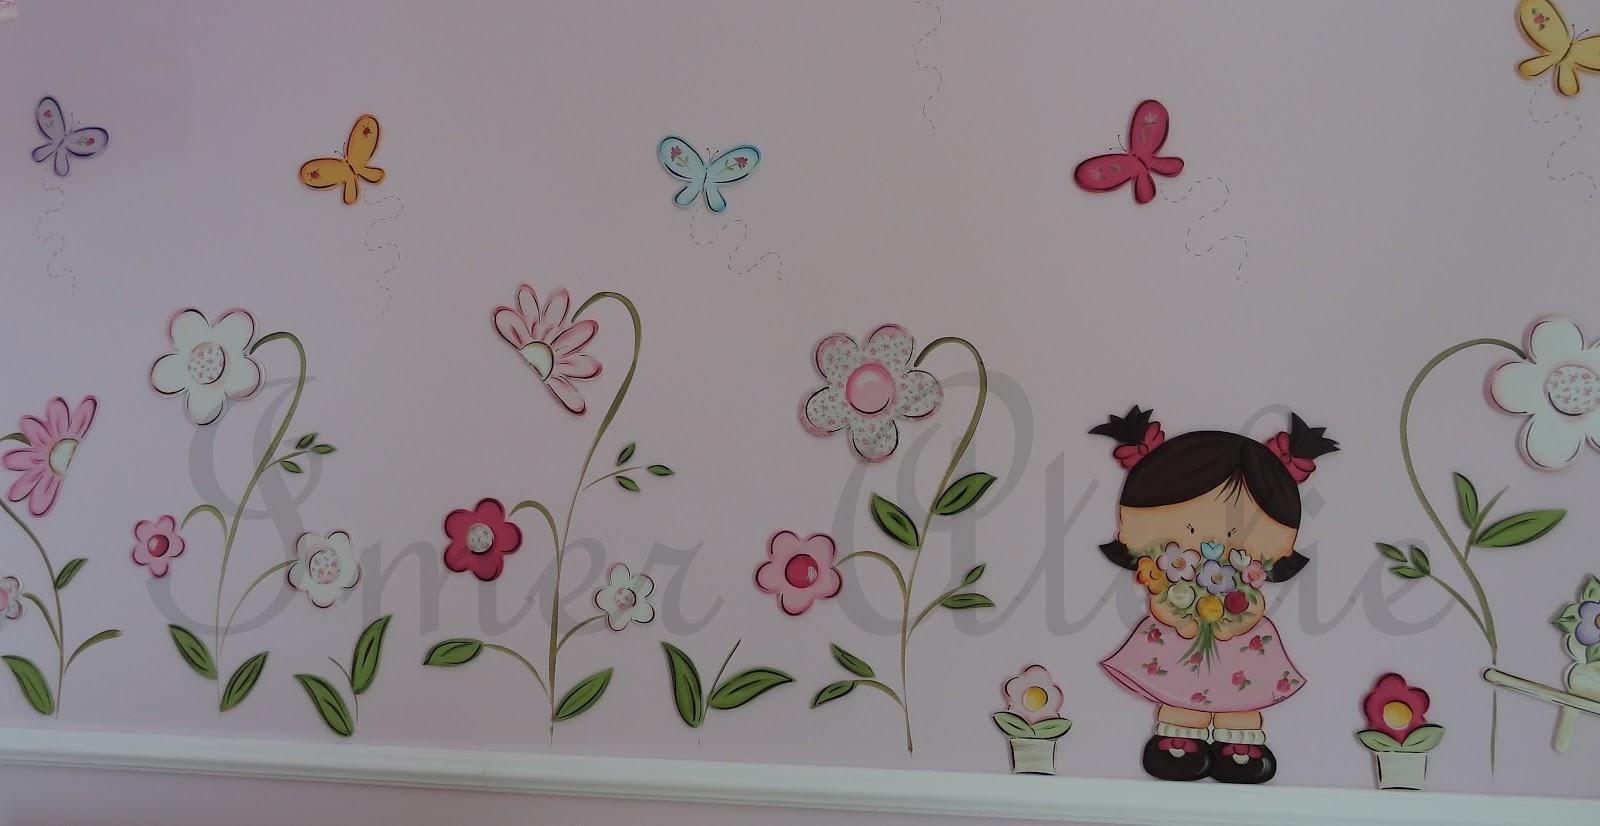 Imer Atelie decoração parede quarto menina